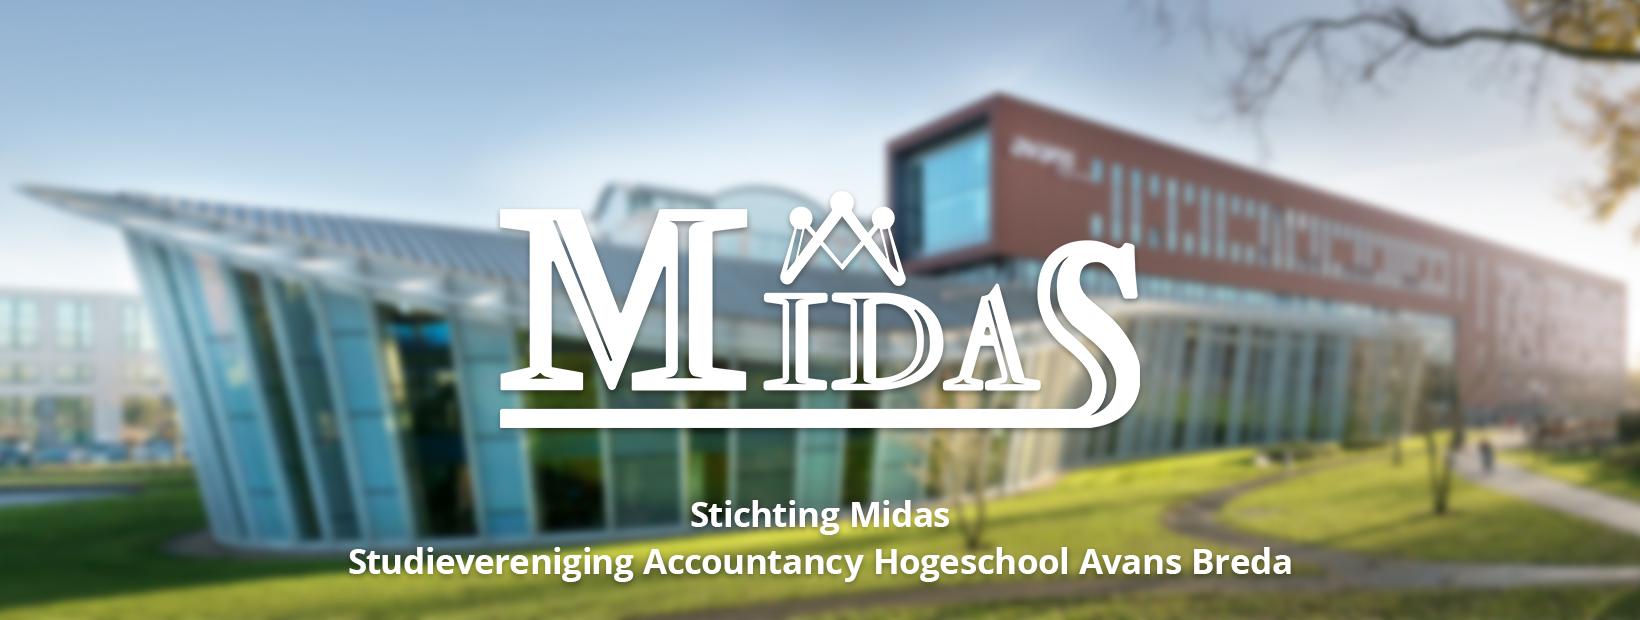 Stichting Midas